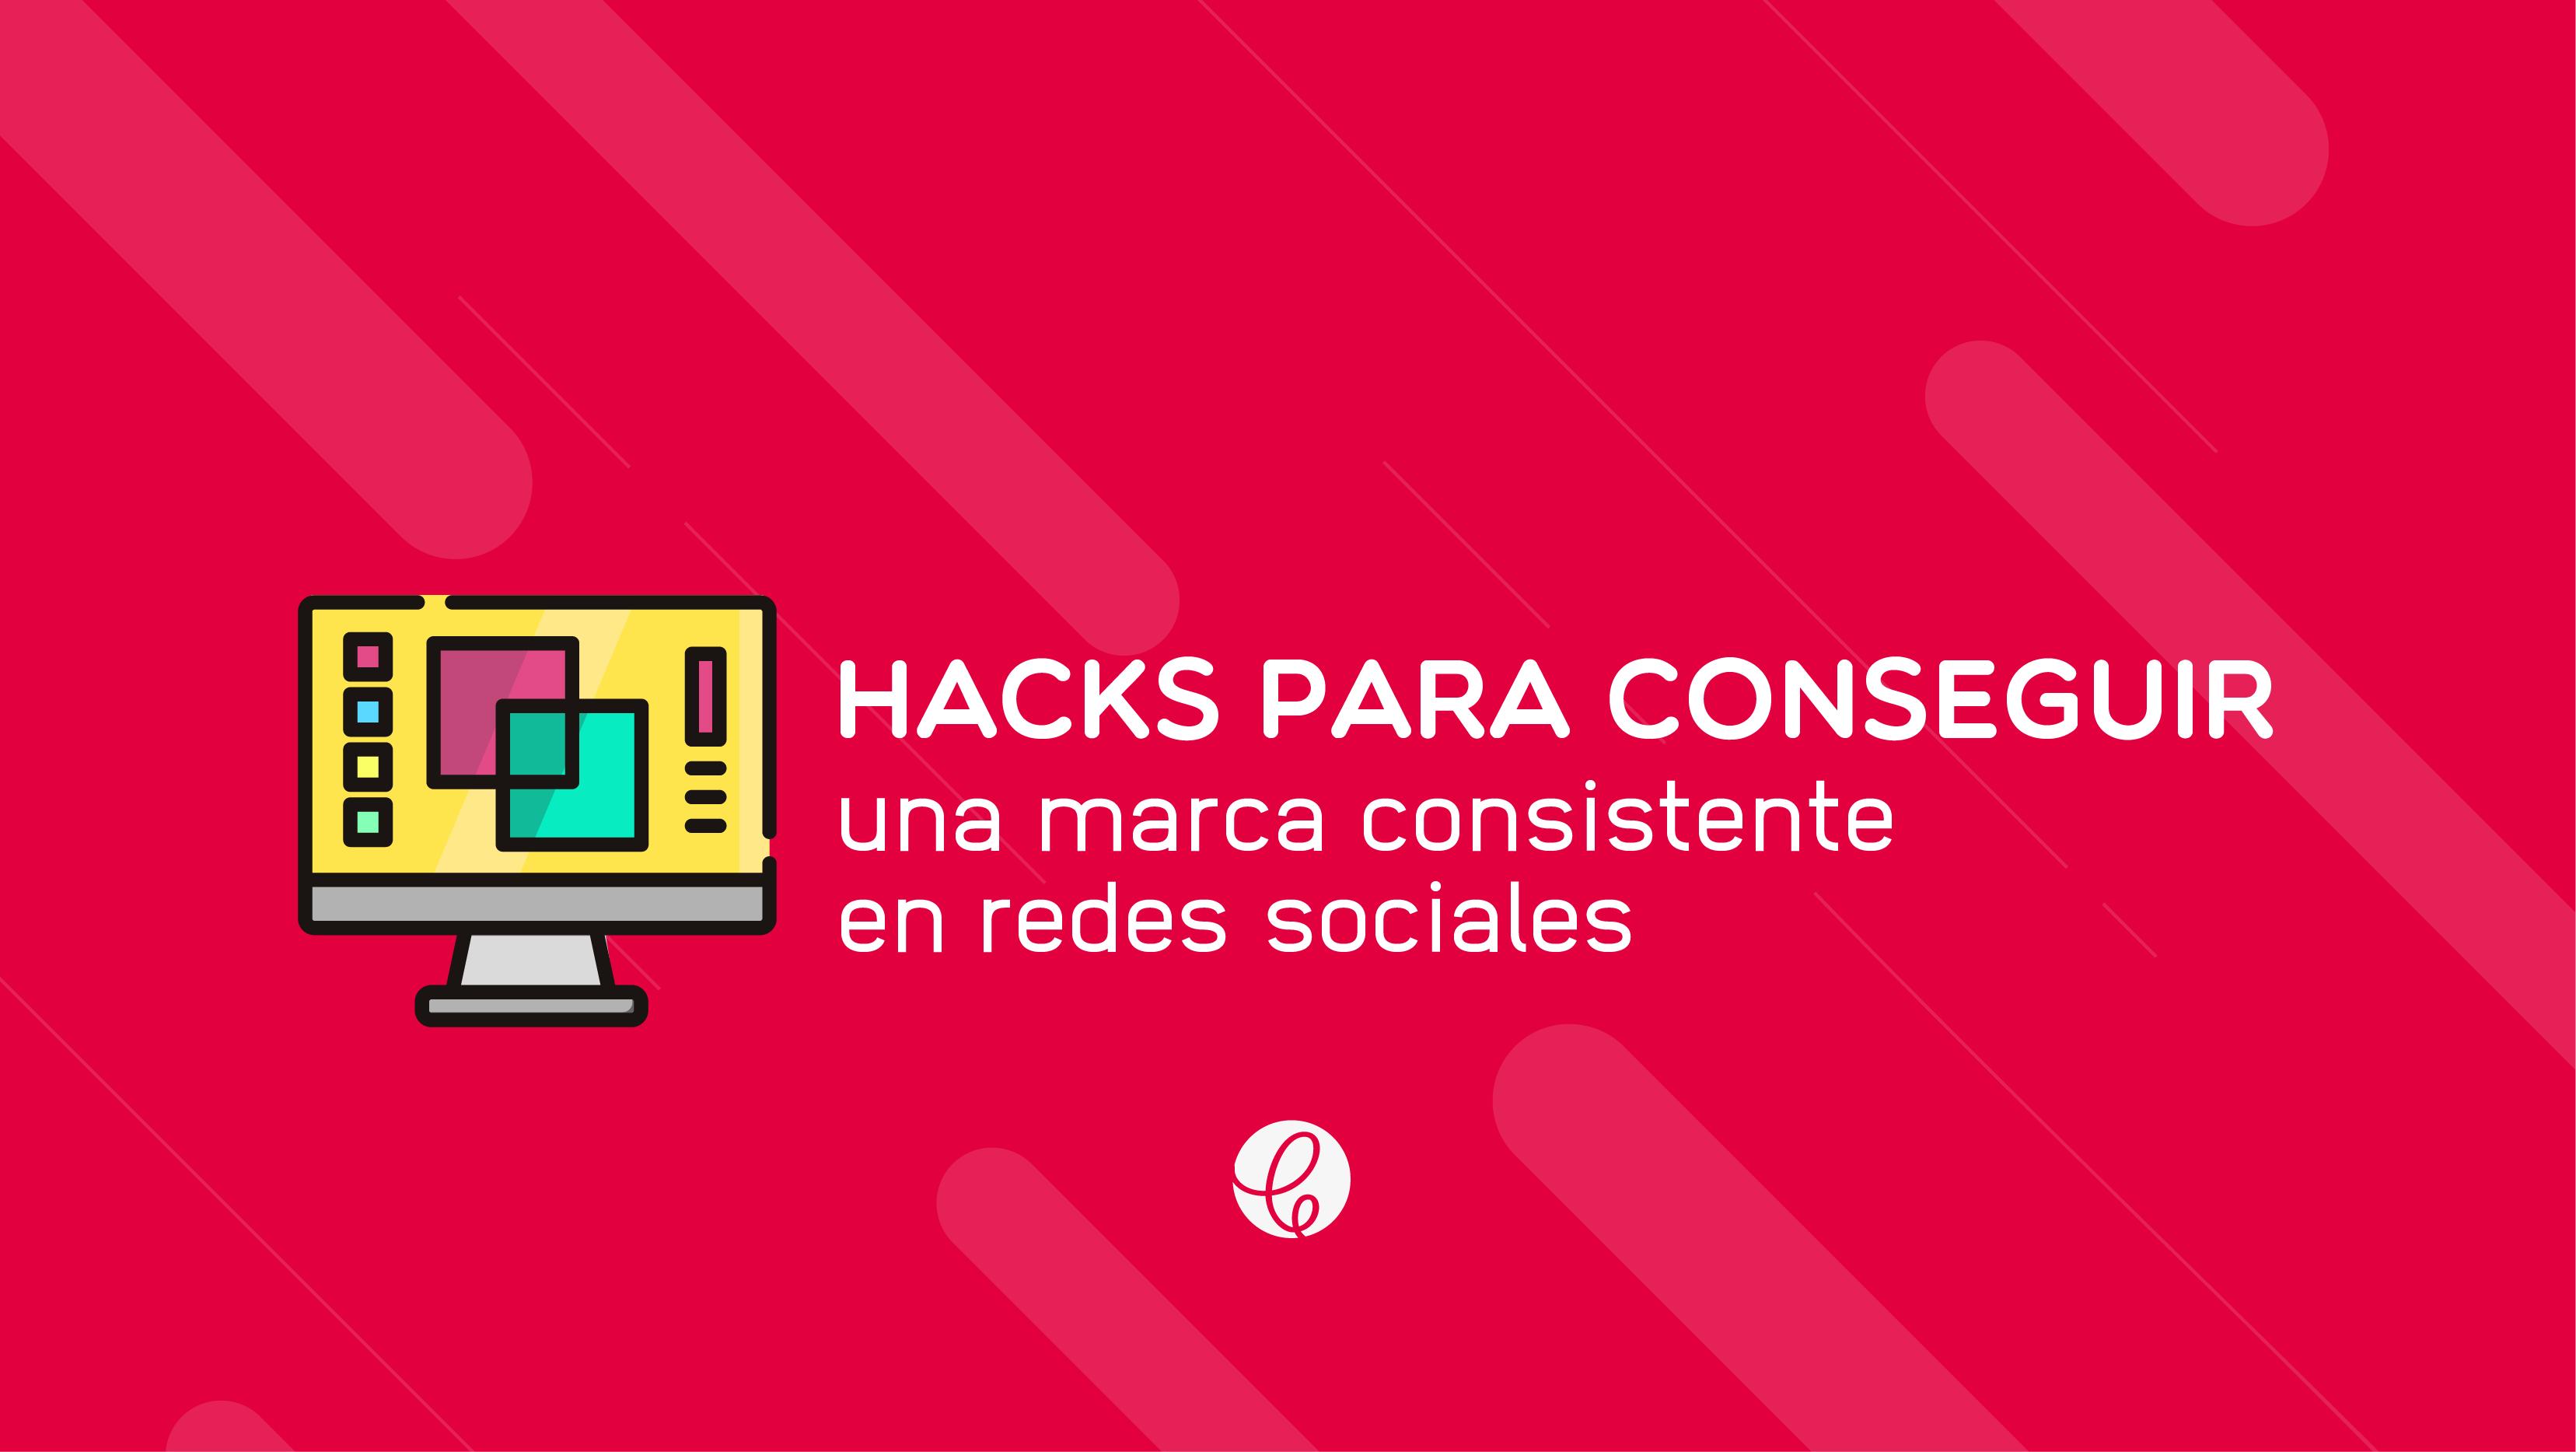 hacks para conseguir una marca consistente en redes sociales